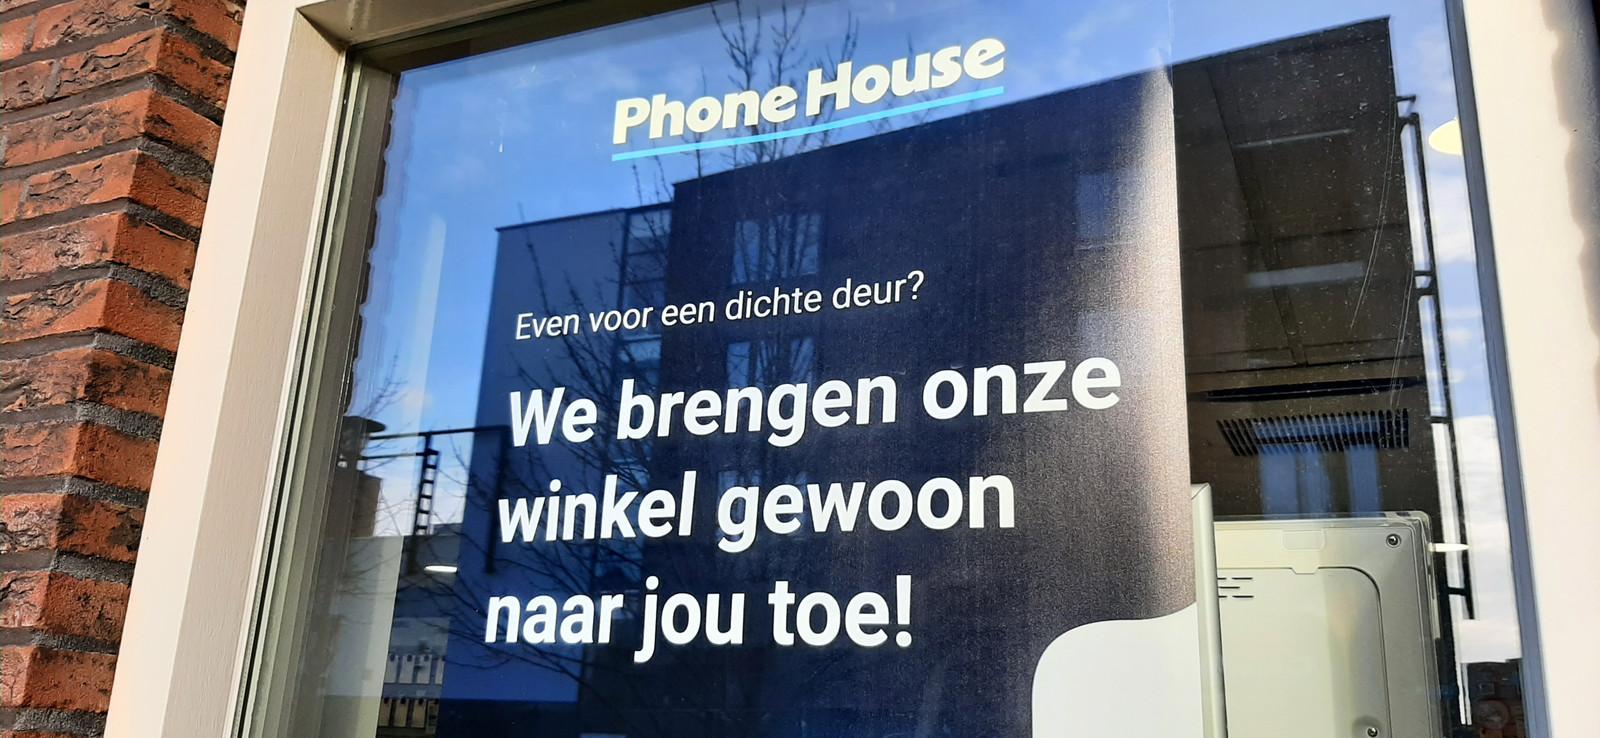 """De Phone House in Etten-Leur laat niemand binnen, strikte regels van het hoofdkantoor, zelfs geen fotograaf van de krant. Kapotte telefoons kunnen worden afgegeven bij de deur. De winkel draait vrij normaal door, zegt medewerker Hans Haverkamp.  ,,We hebben weinig om over te klagen."""""""